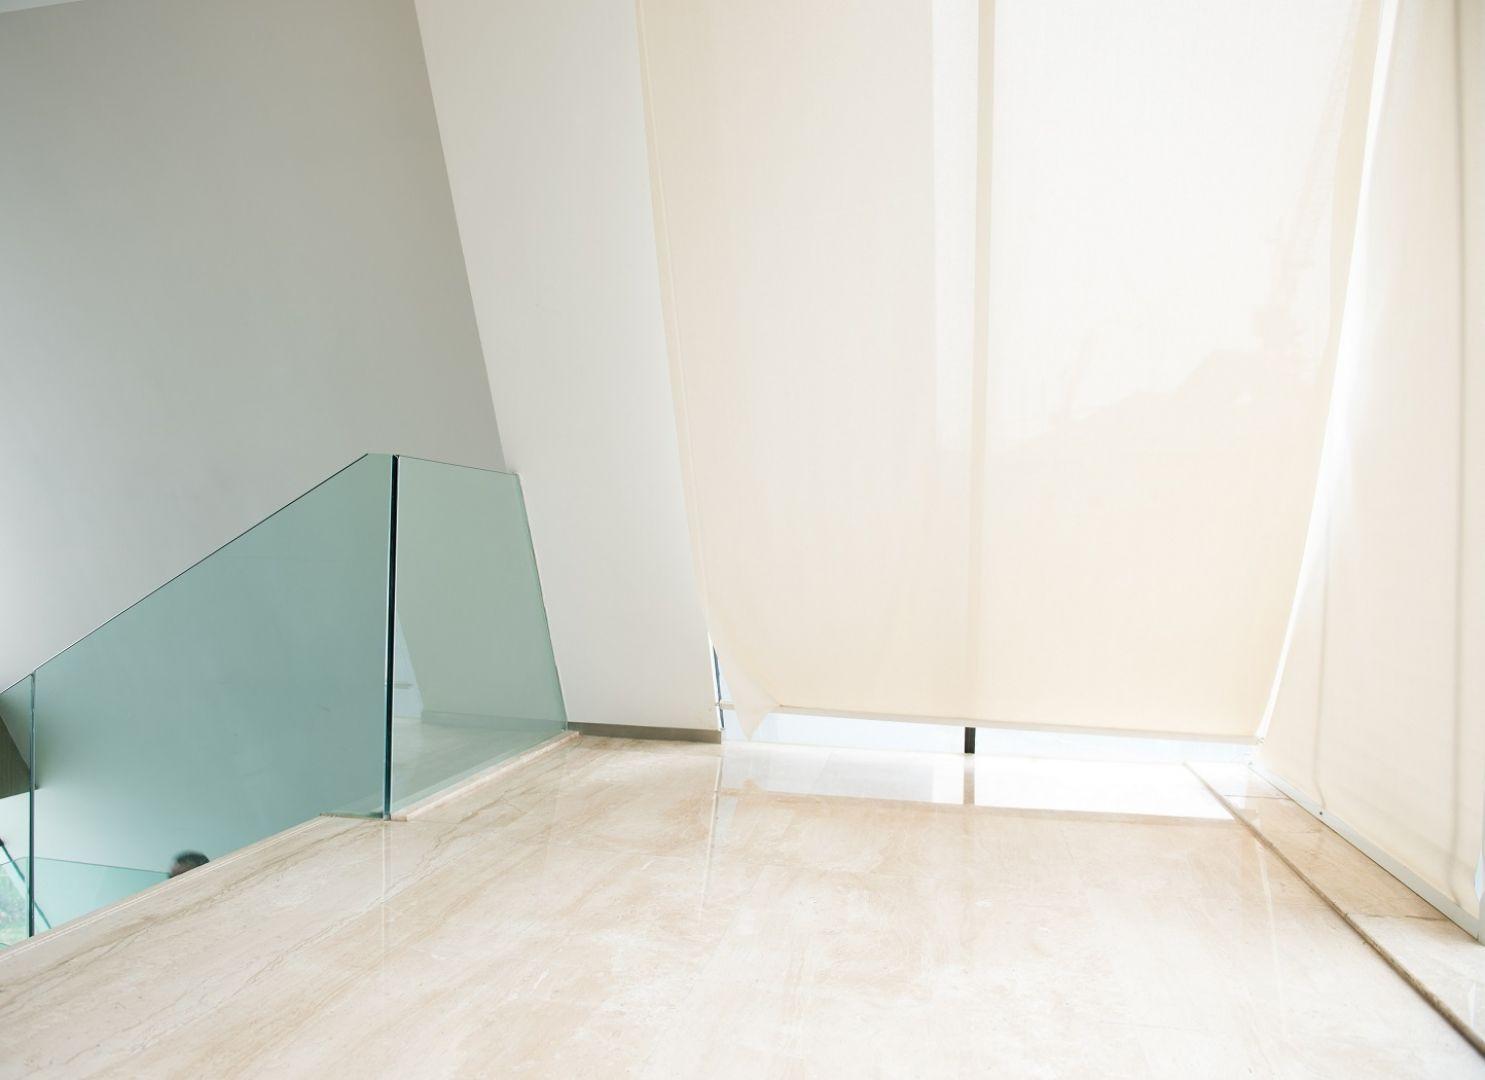 Marmur Crema Veneziana to niezwykle rzadka odmiana, która stanowi chlubę kamieniołomu prowadzonego przez rodzinę Ratti. Spośród całości marmuru wydobywanego w Marmo di Orosei zaledwie 6% stanowi Crema Veneziana. Fot. Interstone